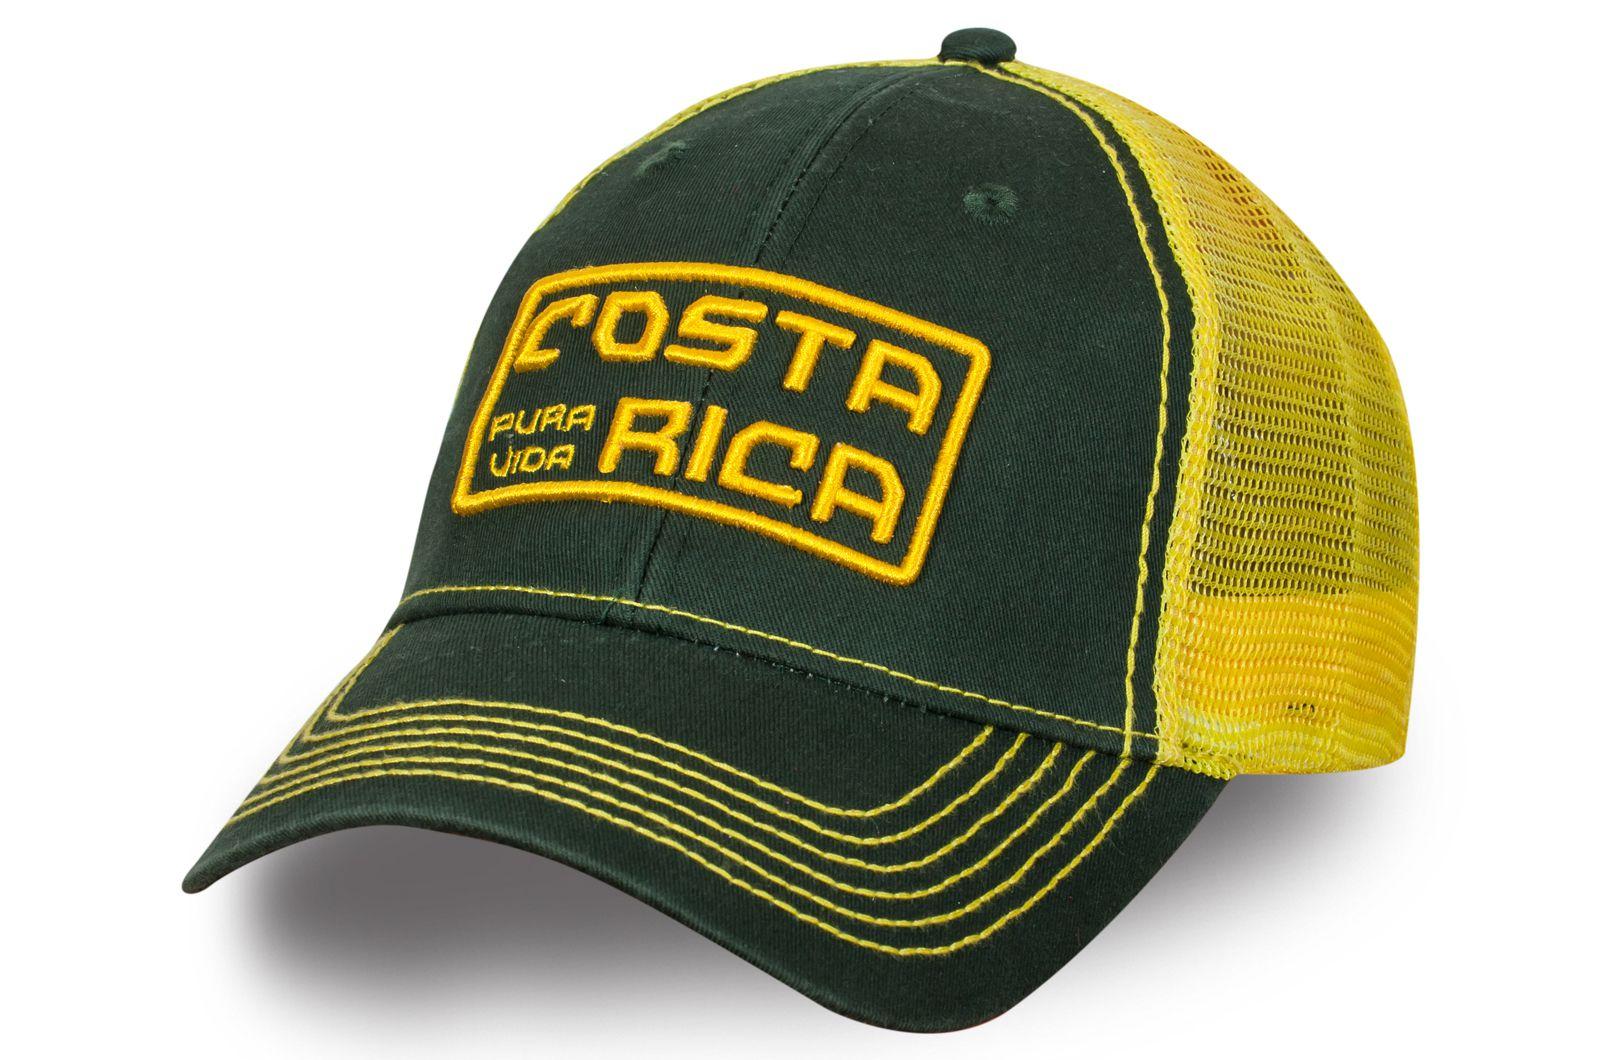 Бейсболка с надписью Costa Rica - купить онлайн с доставкой